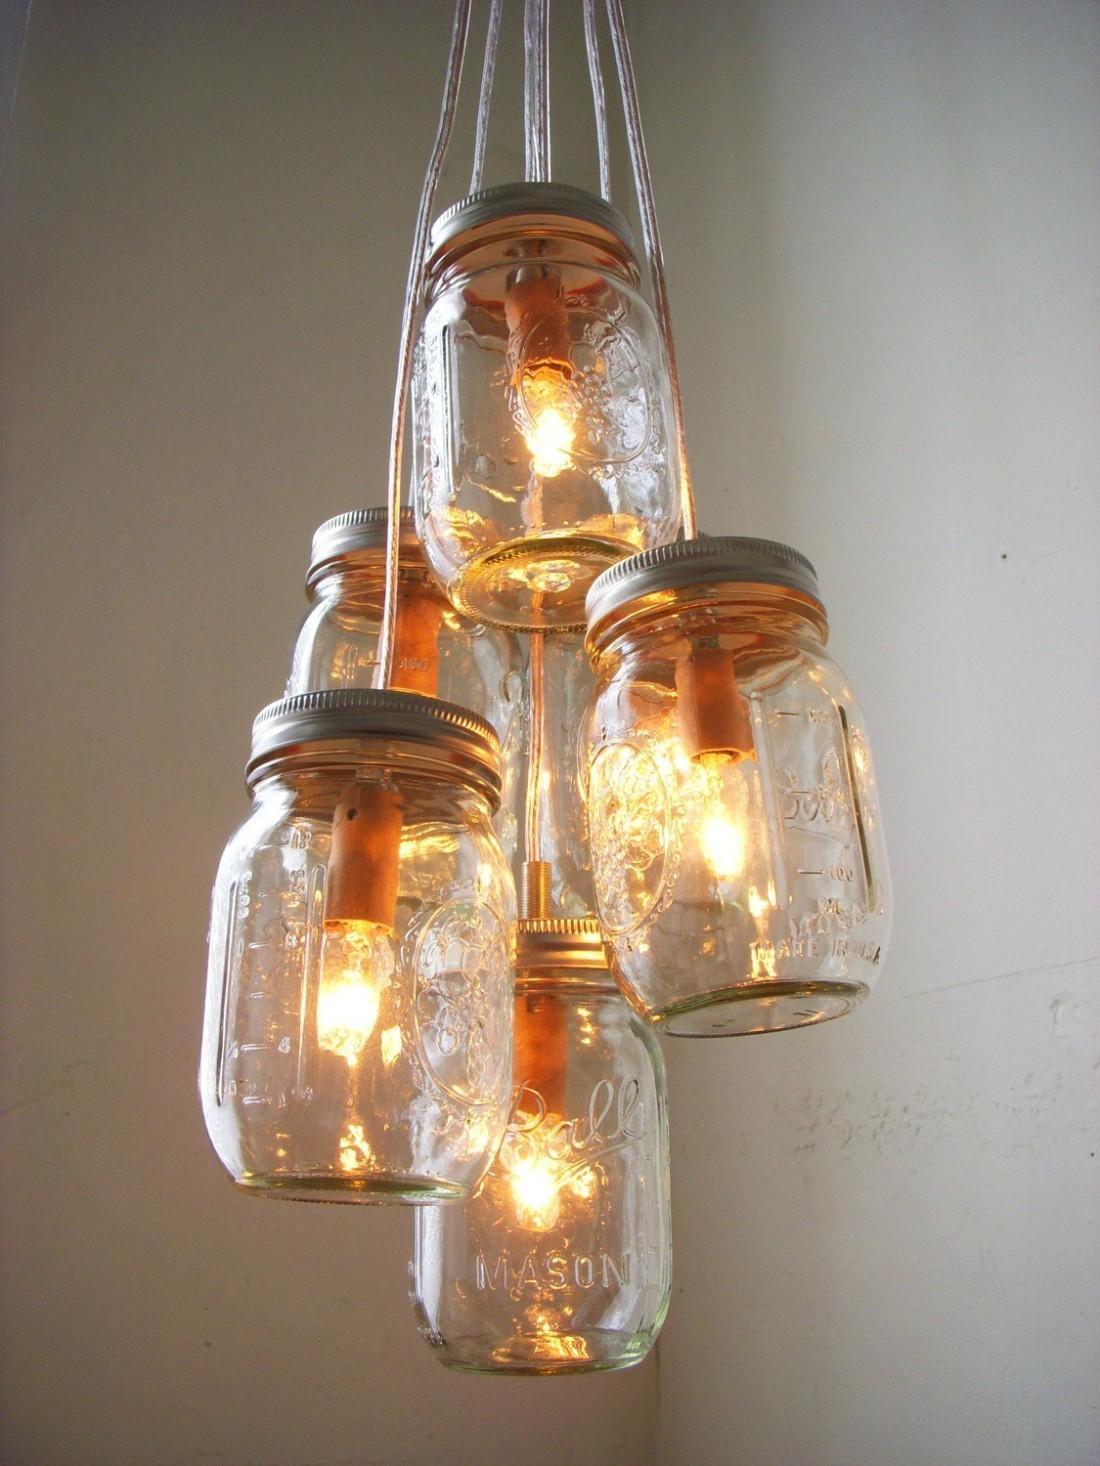 mason-jar-lighting